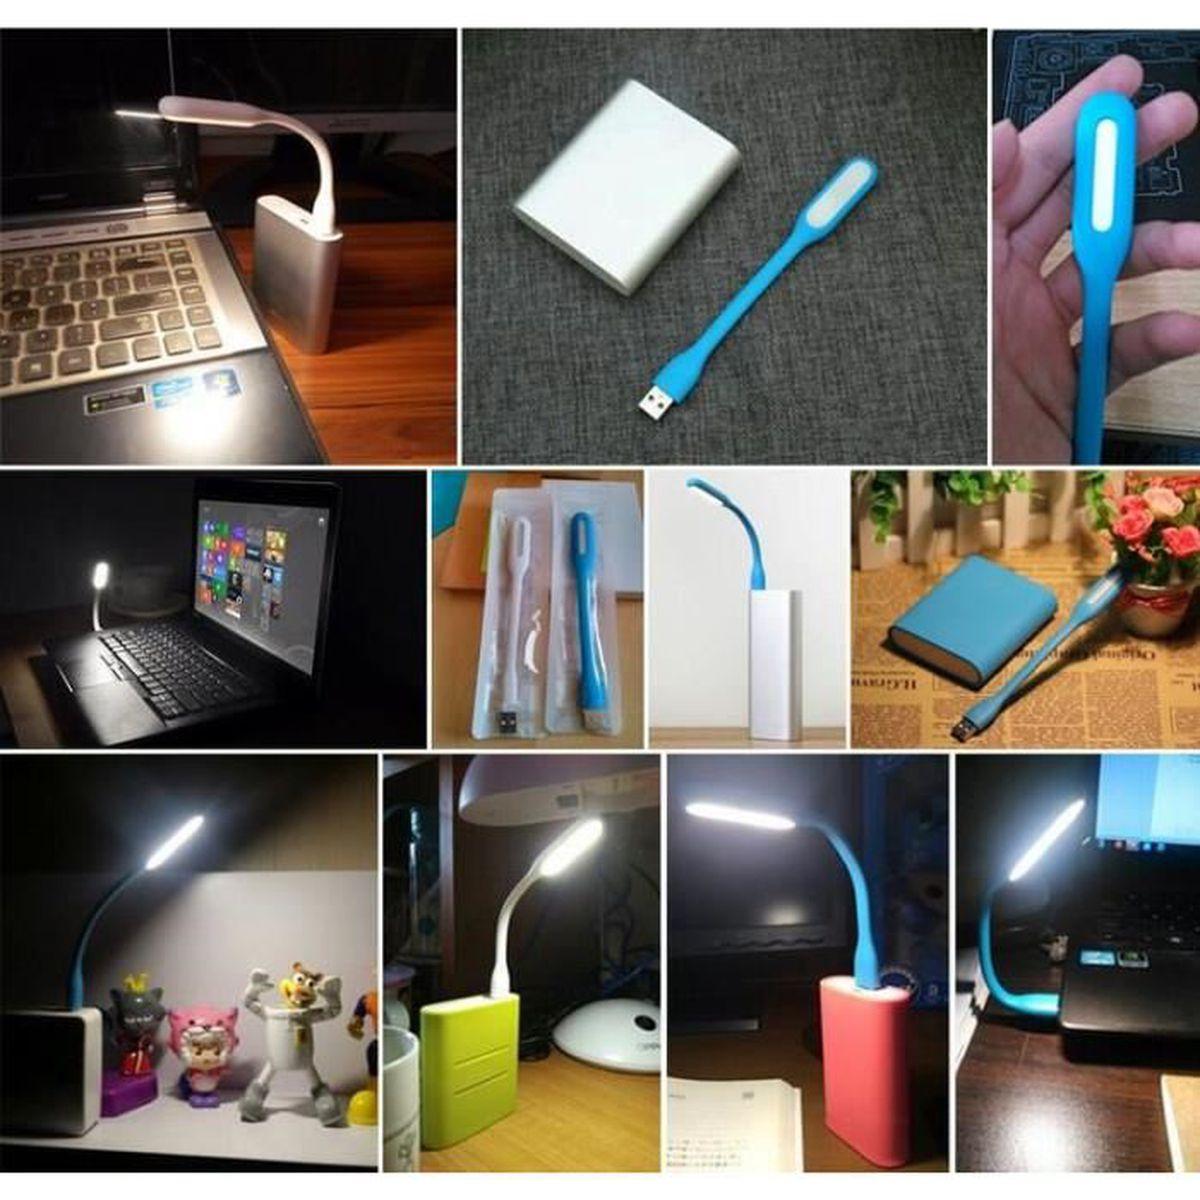 Bank Mini Lampe Portable Usb Ordinateur Led Xiaomi Power Lumière Pour eWEHID2b9Y